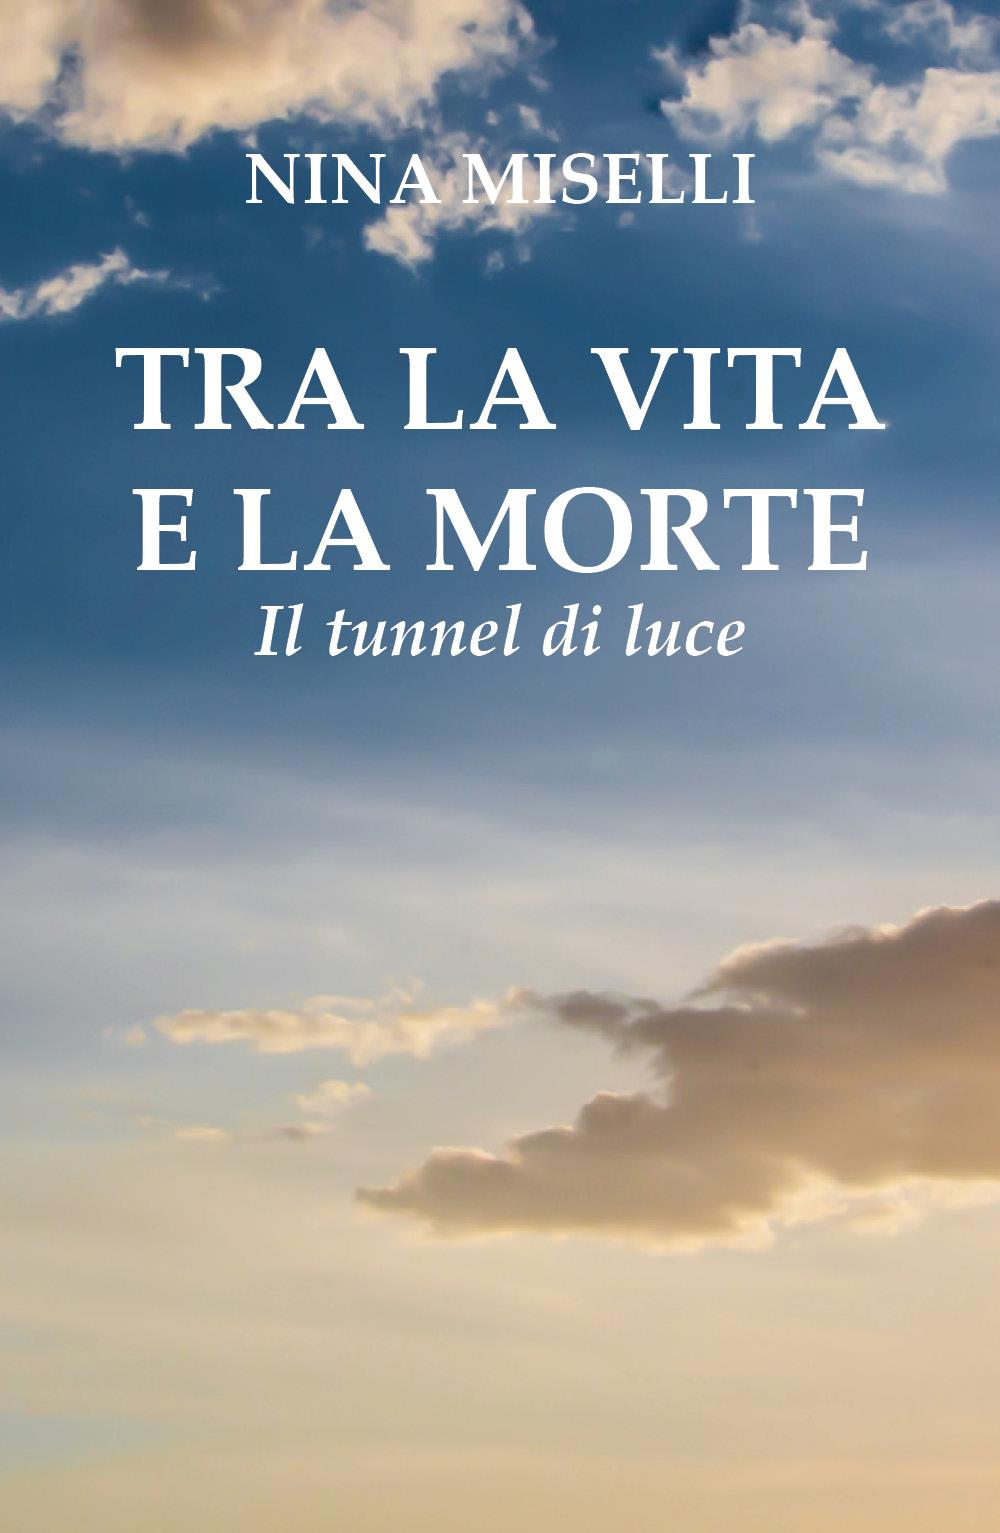 Tra la vita e la morte: il tunnel di luce